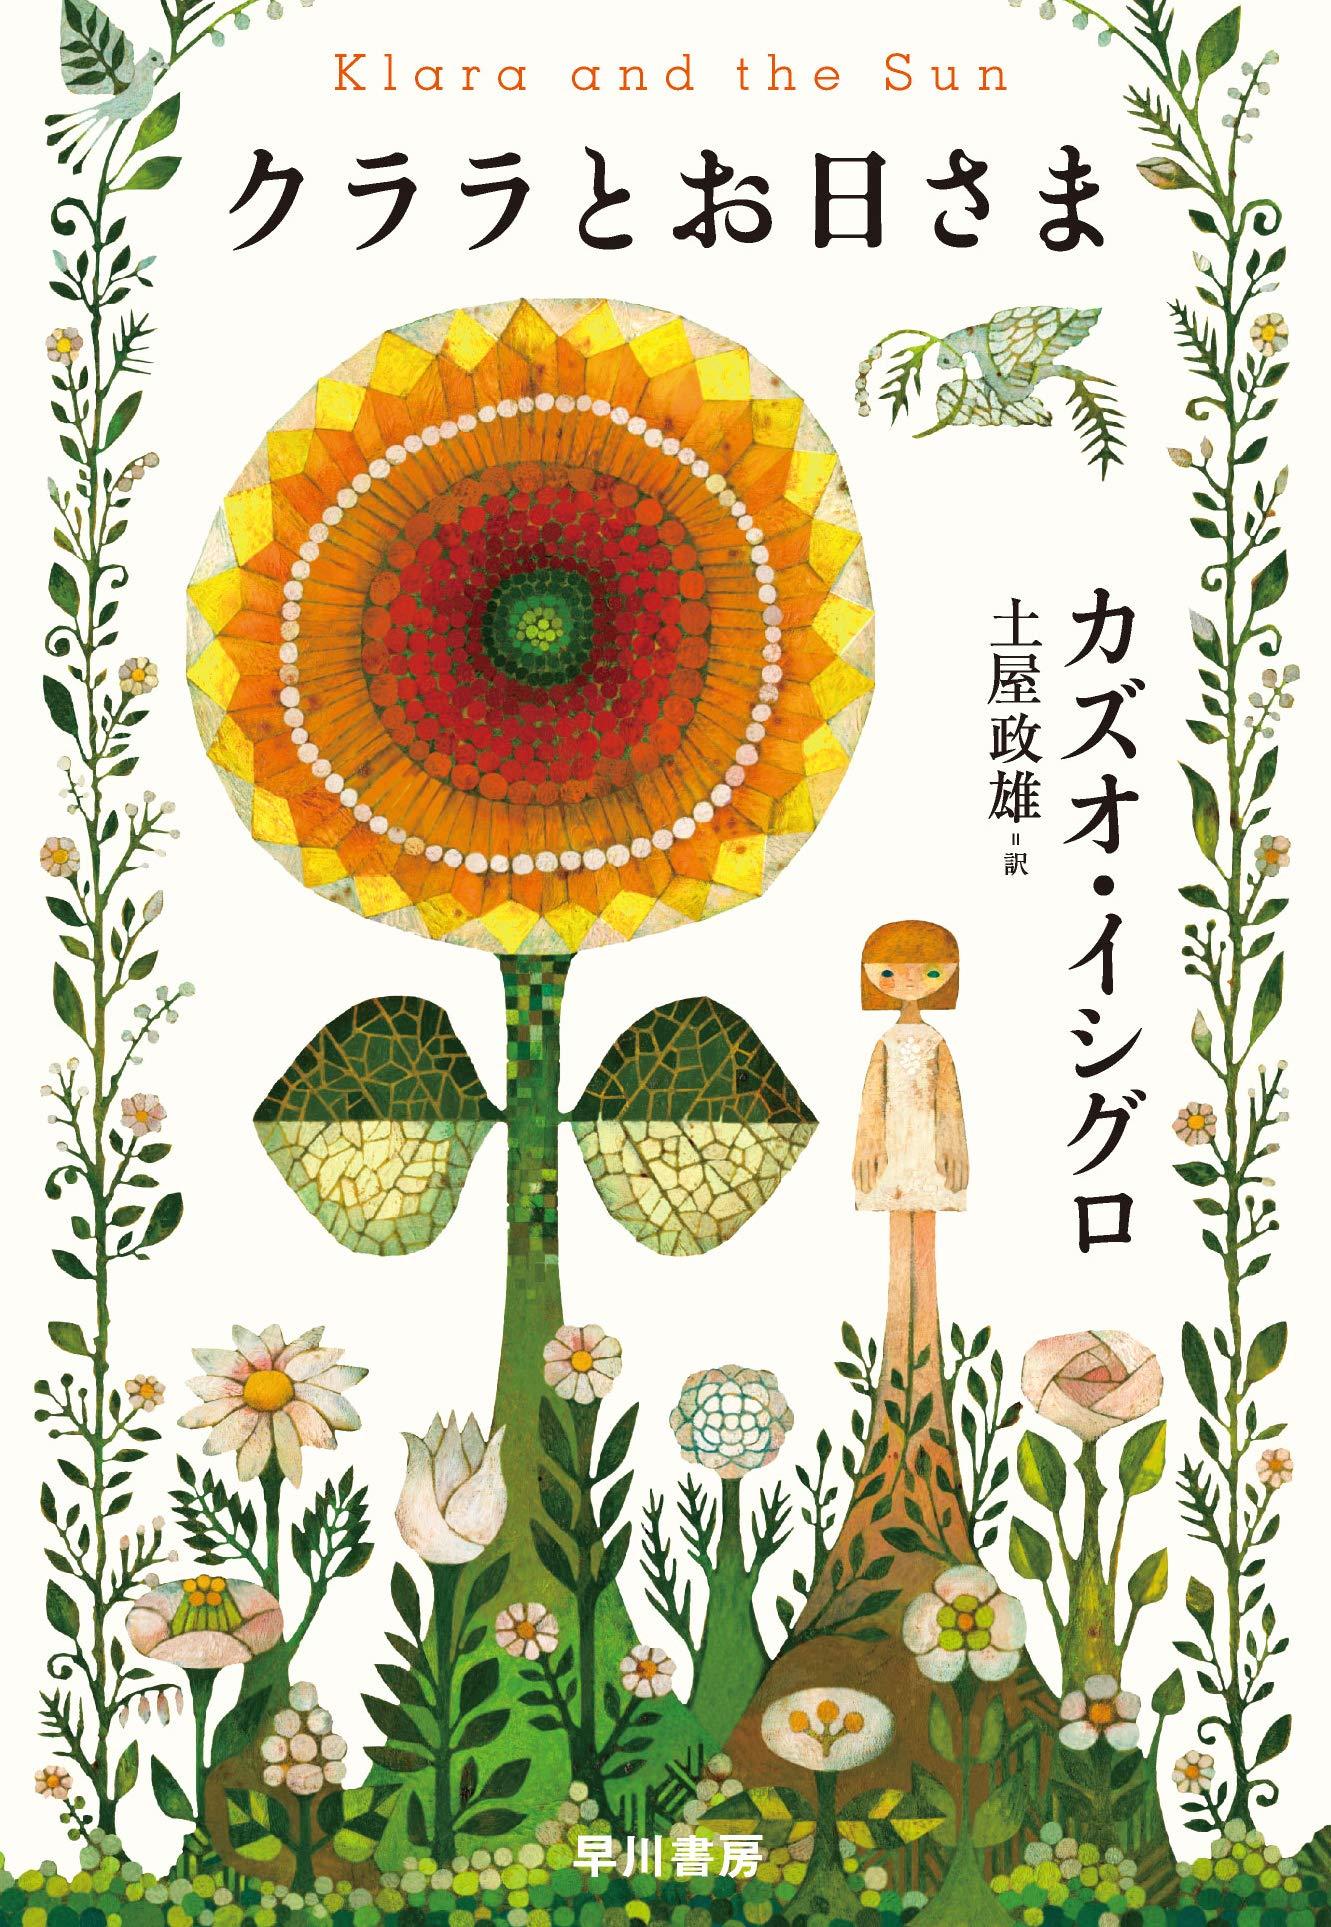 カズオ・イシグロ:クララとお日さま ☆☆☆☆☆